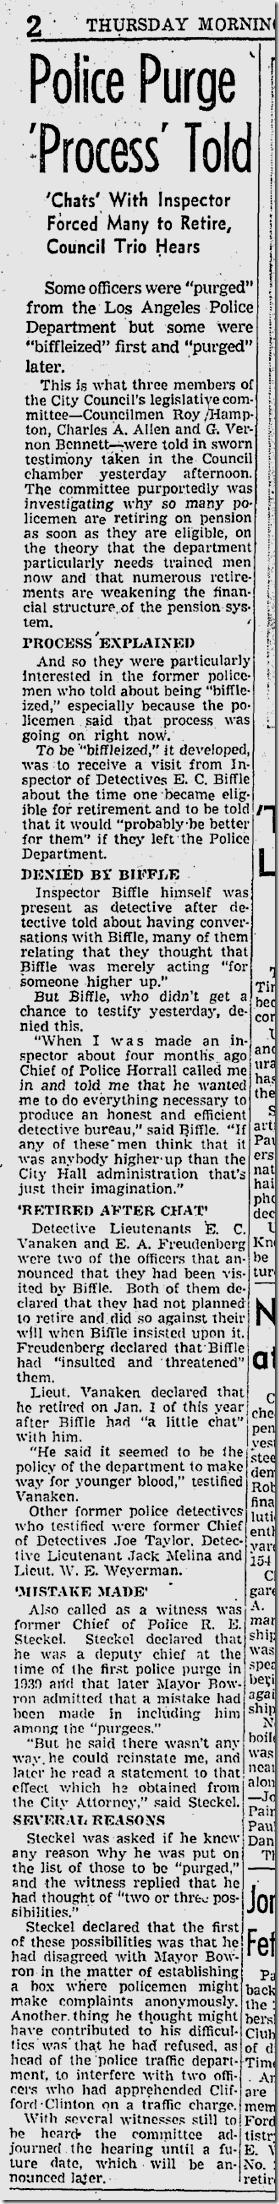 Jan. 29, 1942, LAPD Cleanup